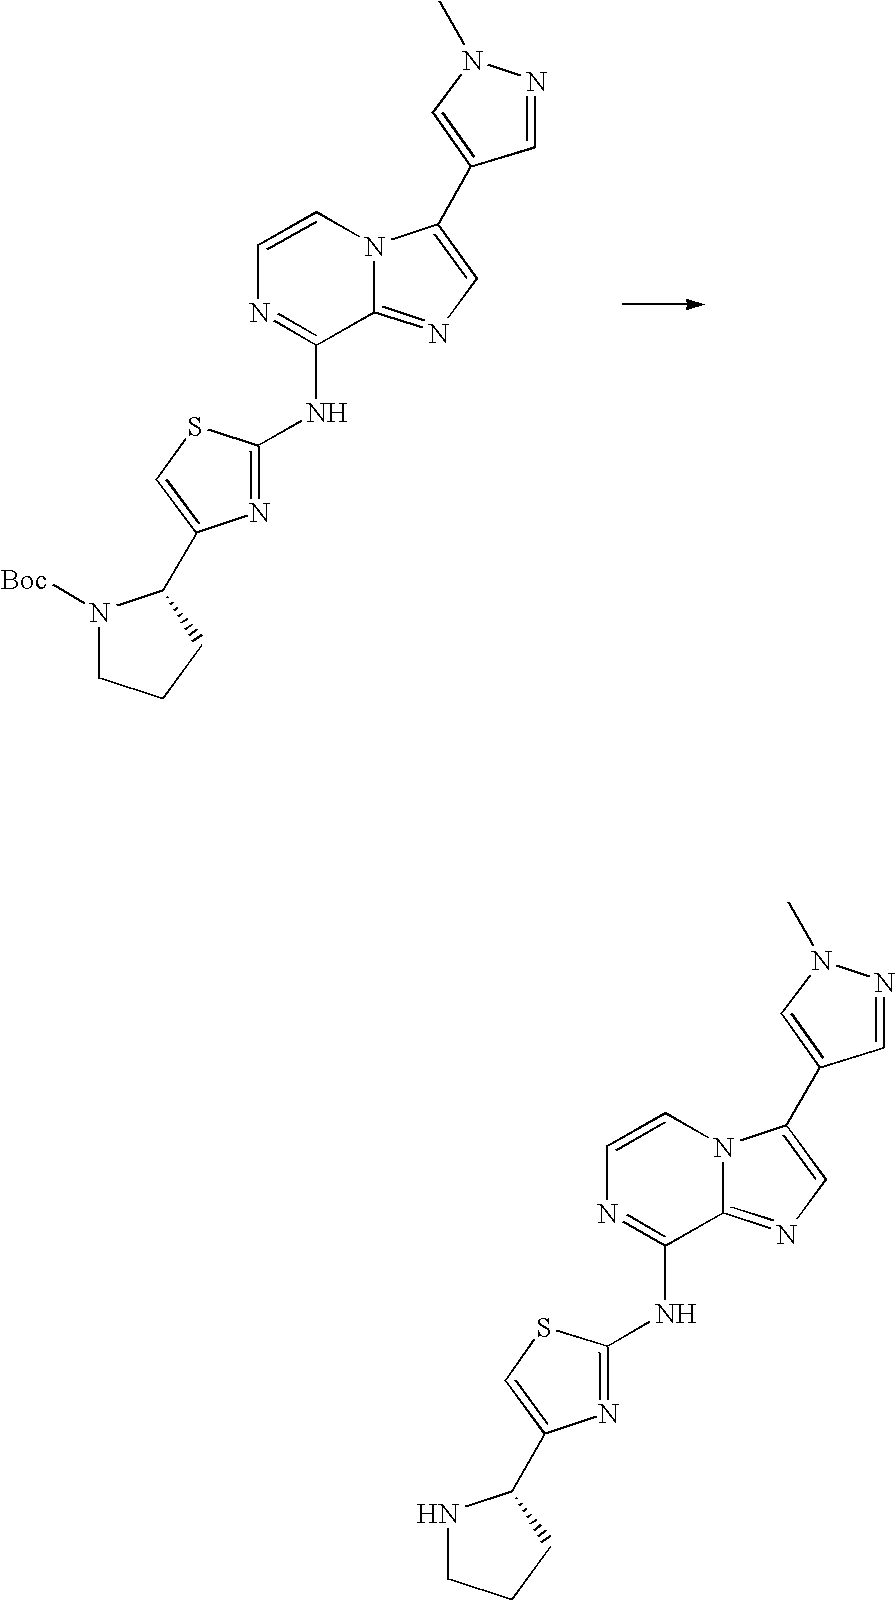 Figure US20070117804A1-20070524-C00239